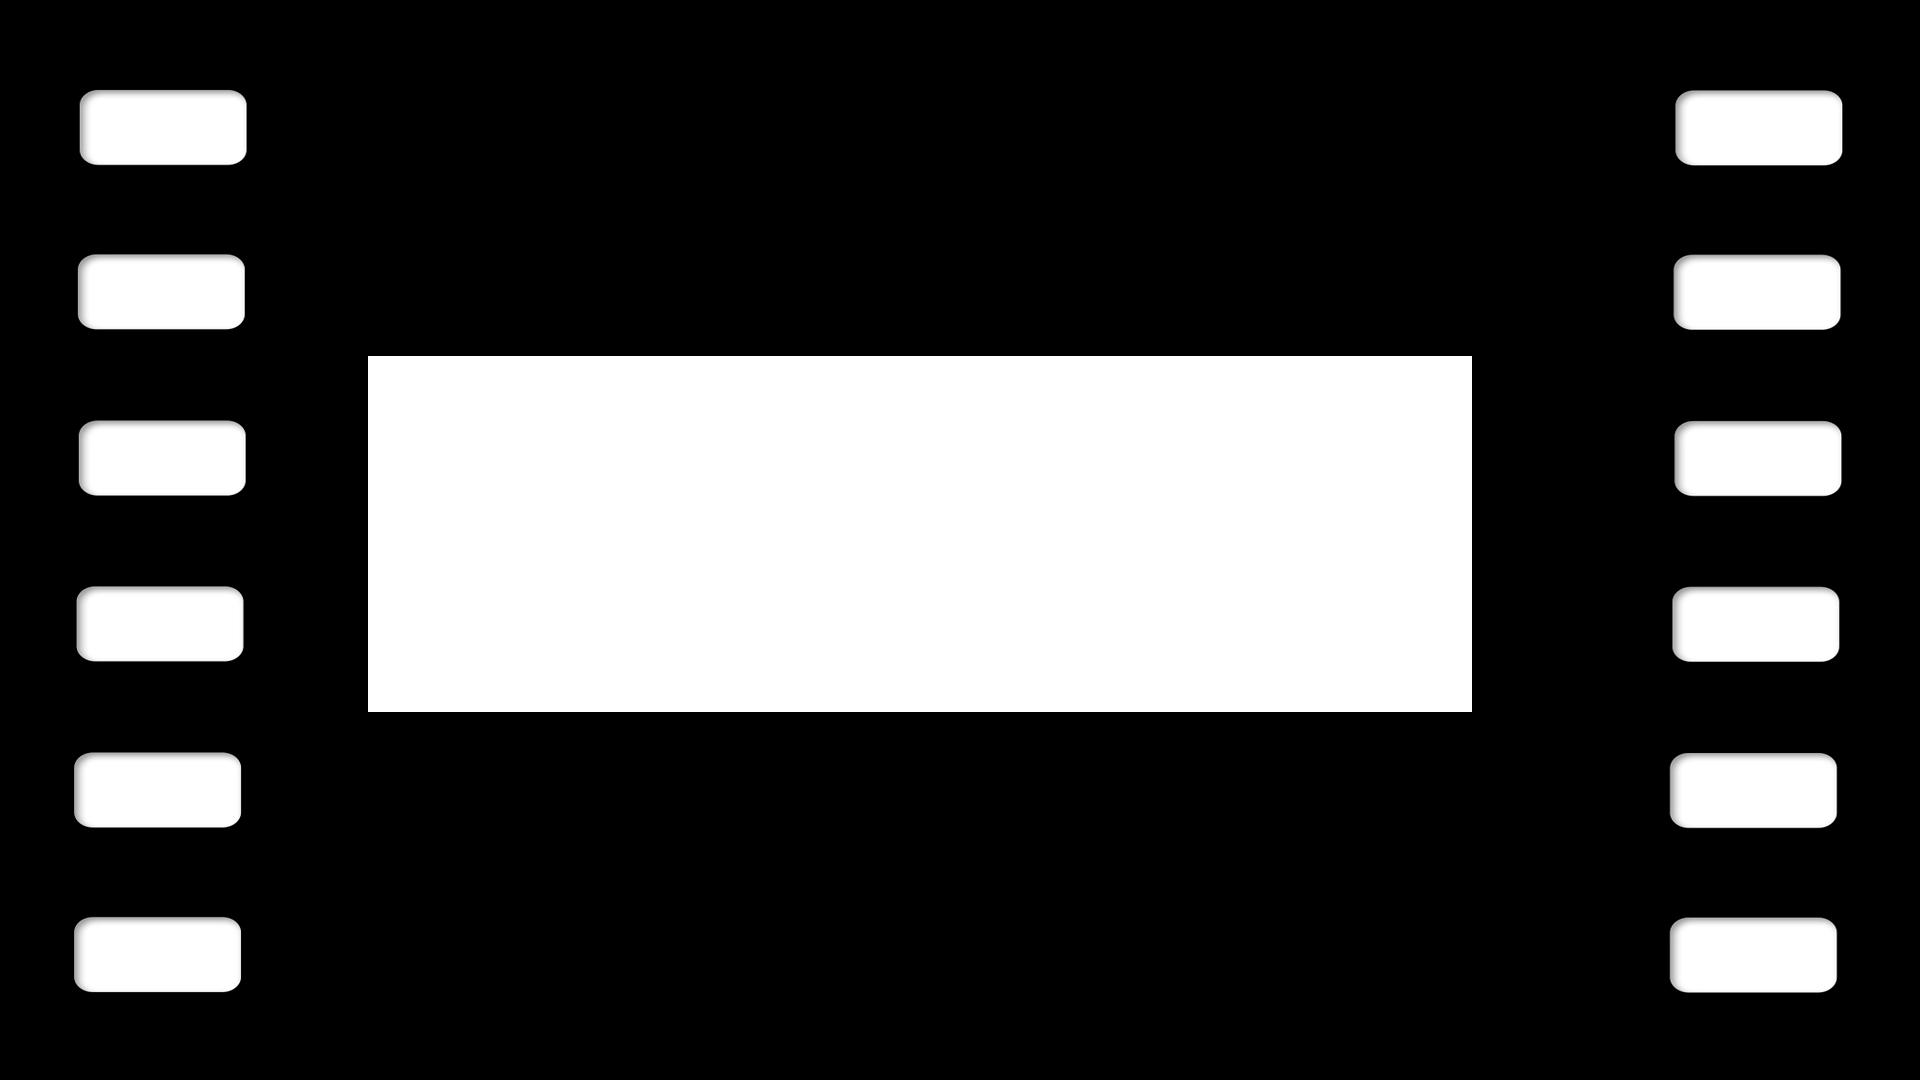 Кадр — википедия. что такое кадр